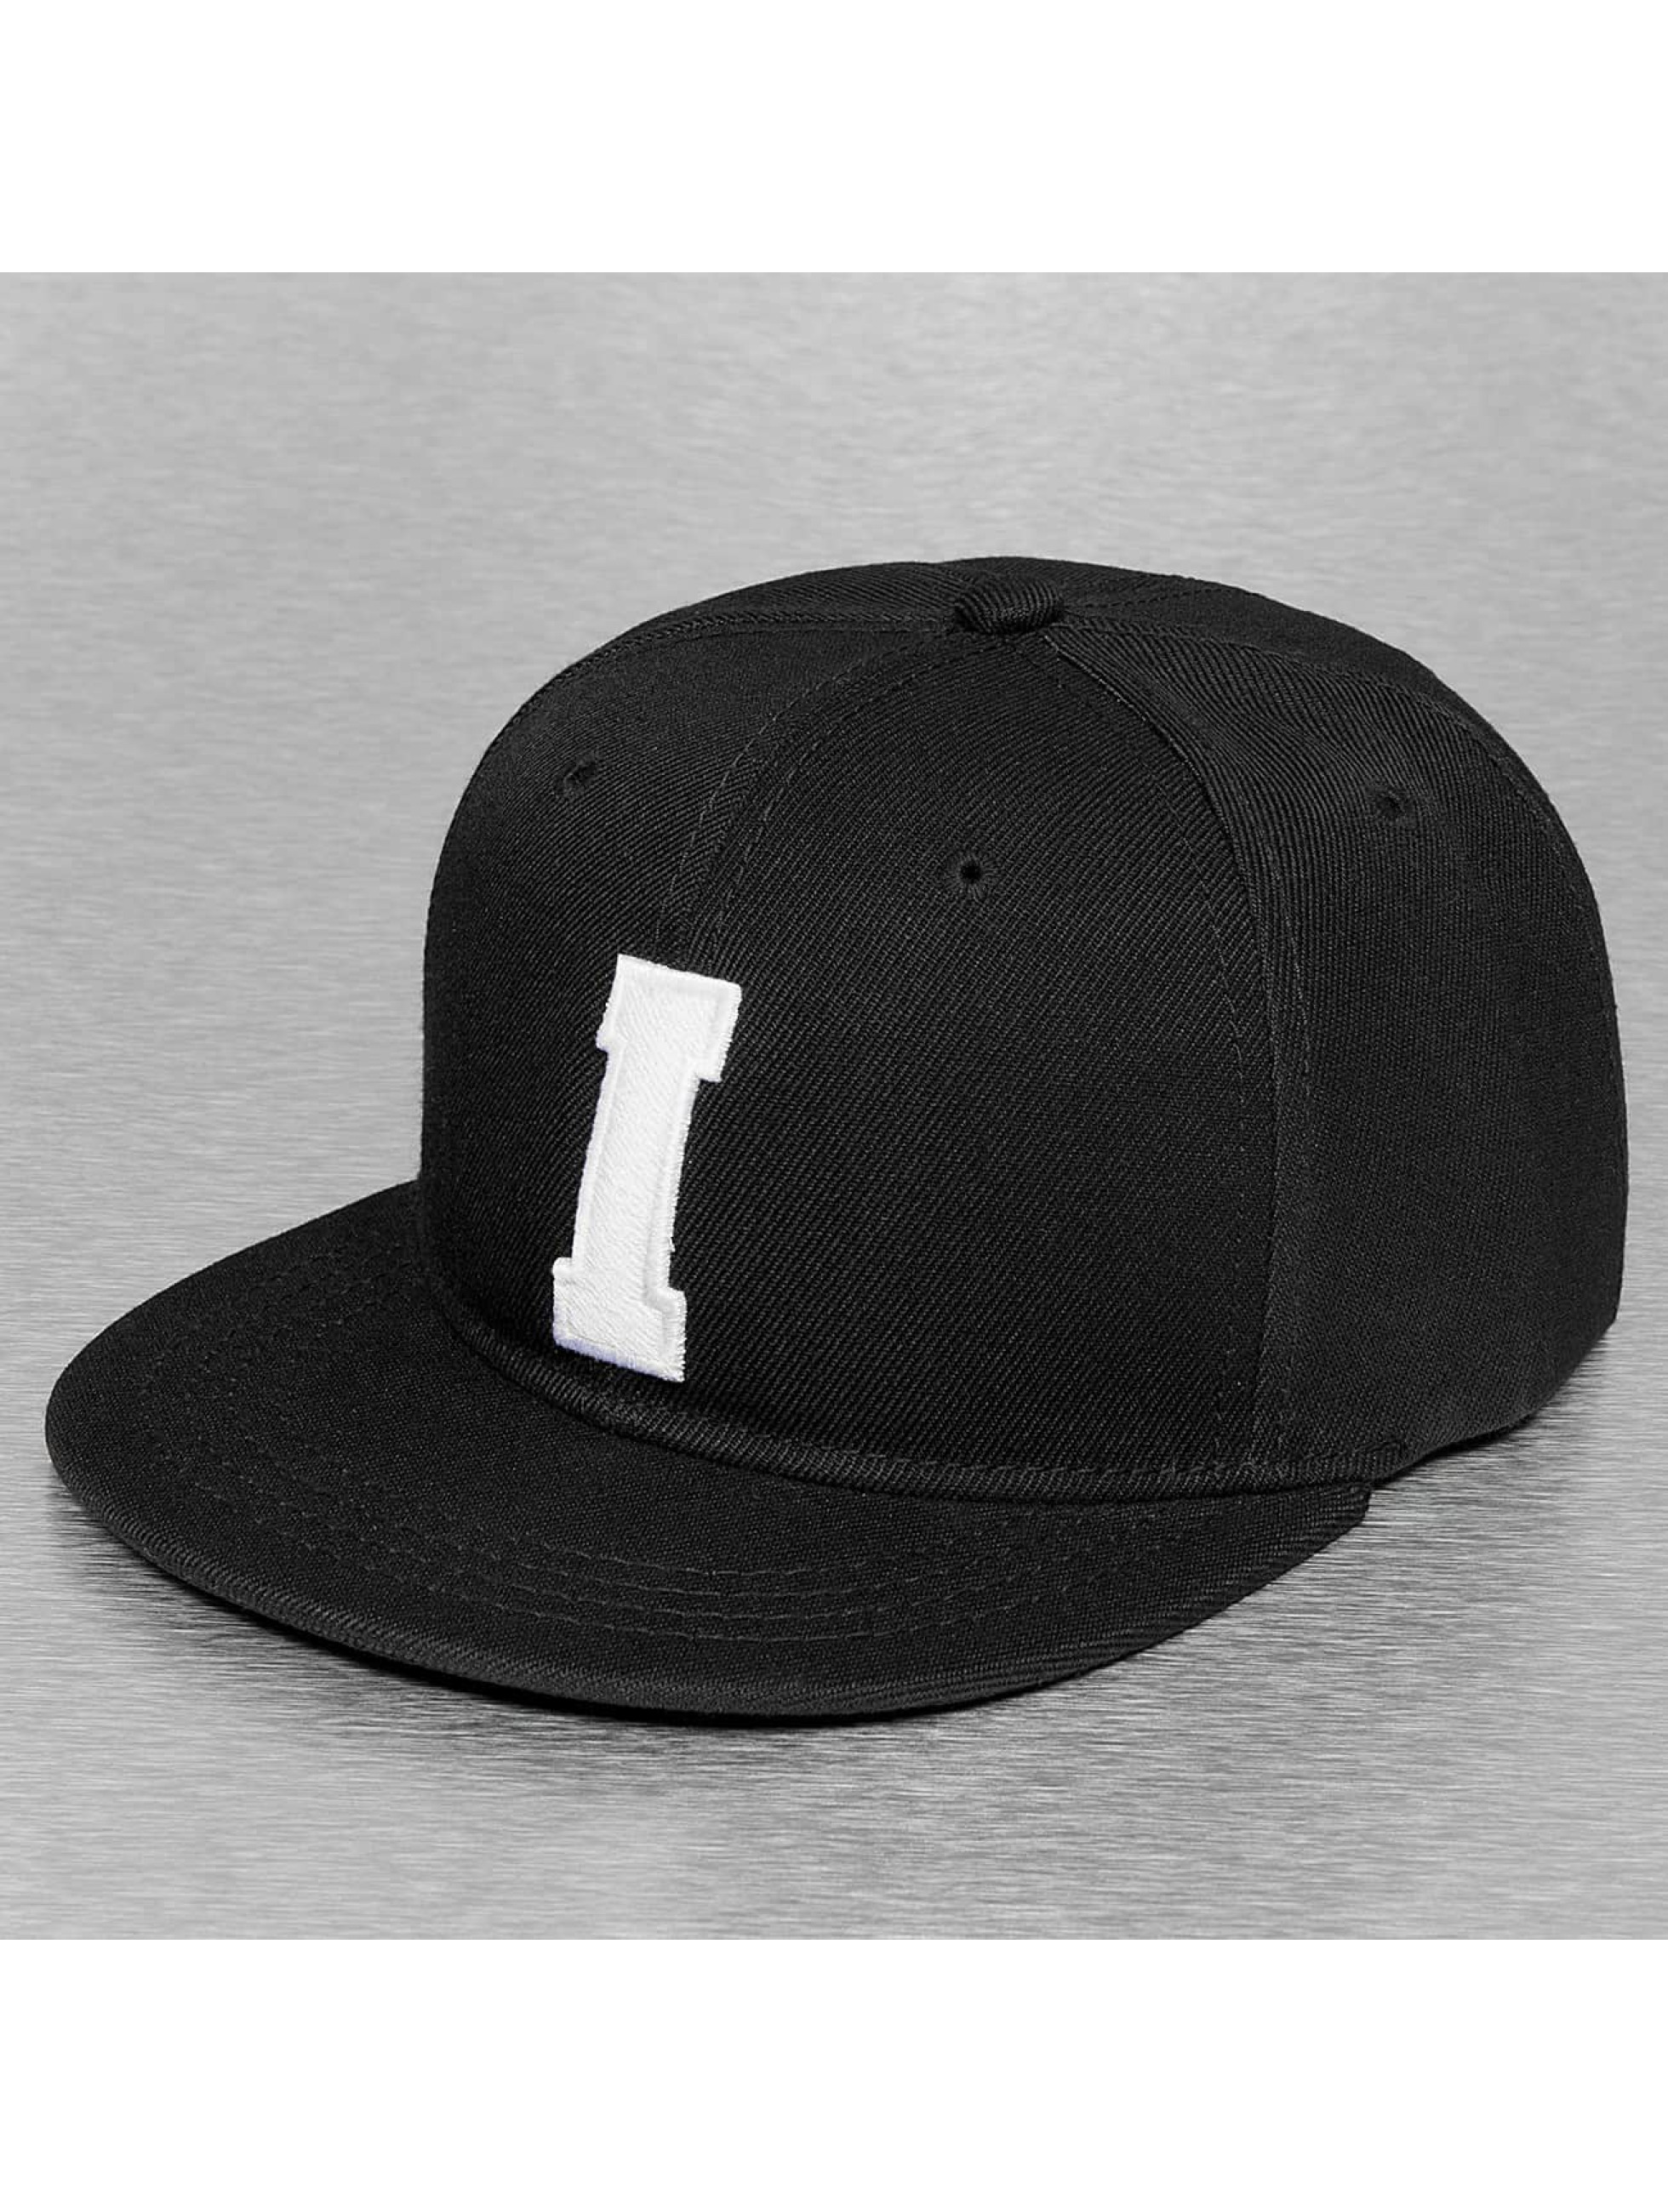 TrueSpin Männer,Frauen Snapback Cap I-ABC Edition in schwarz